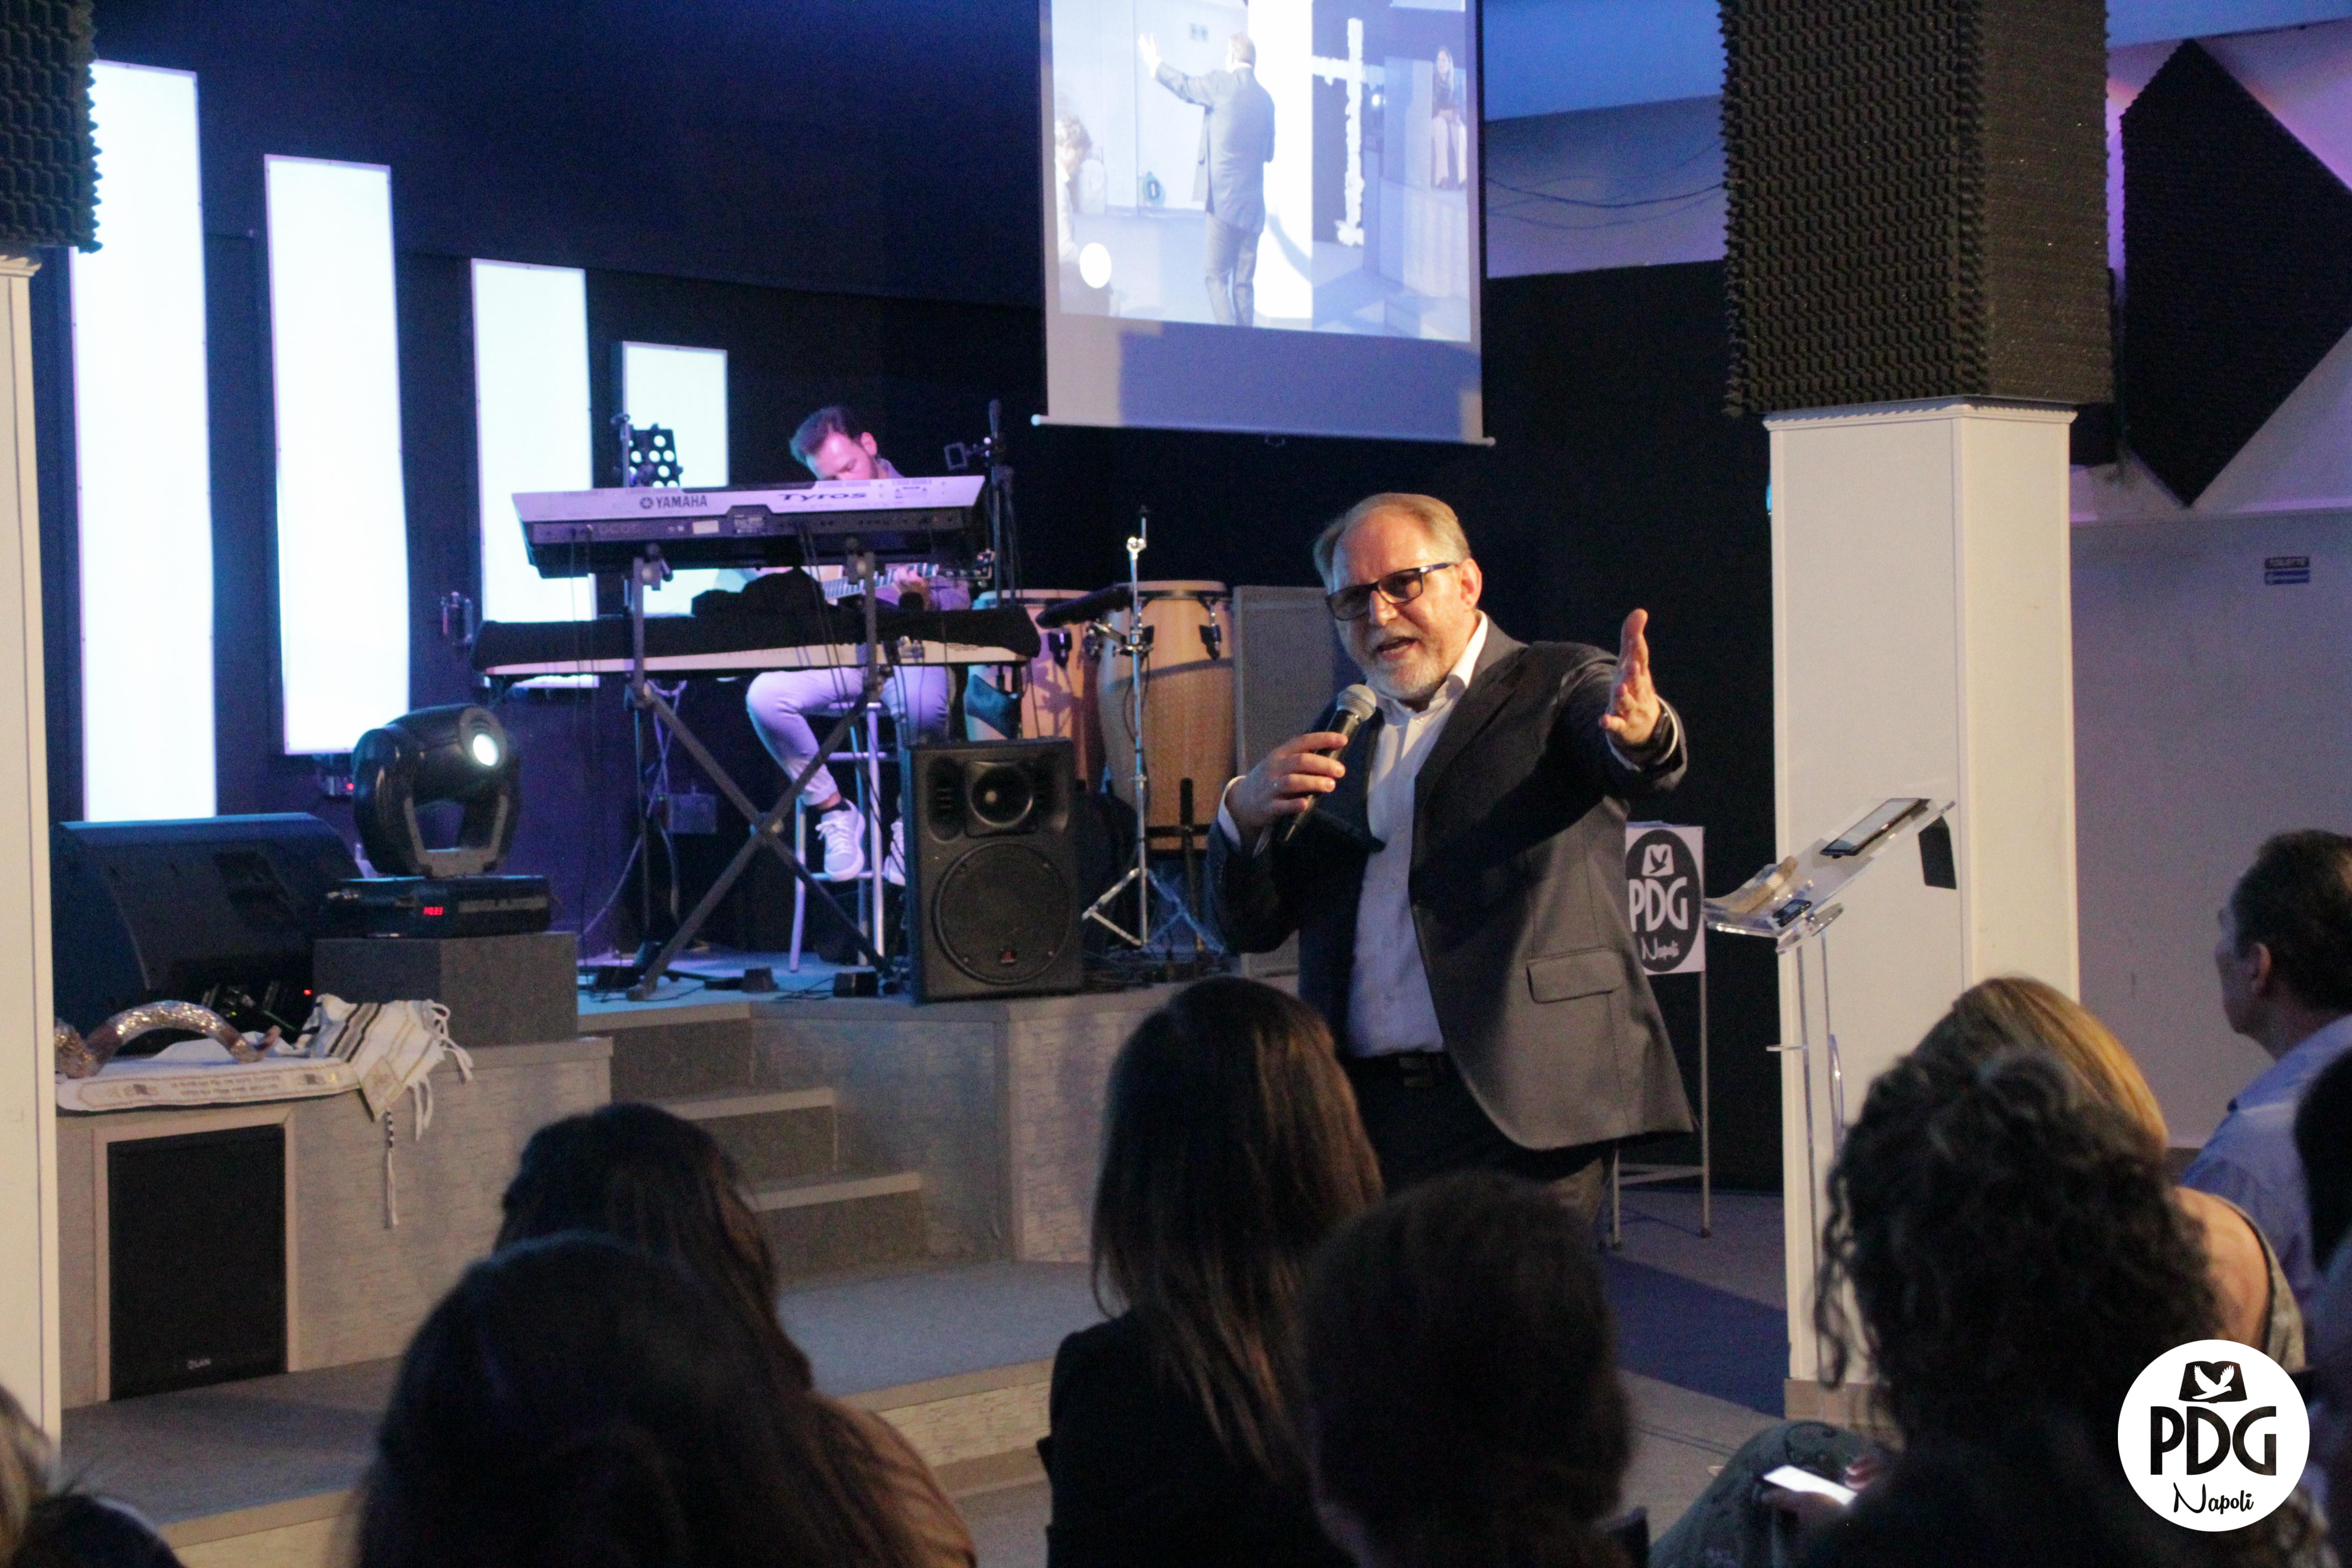 Restaurare l'altare di Dio nella propria vita